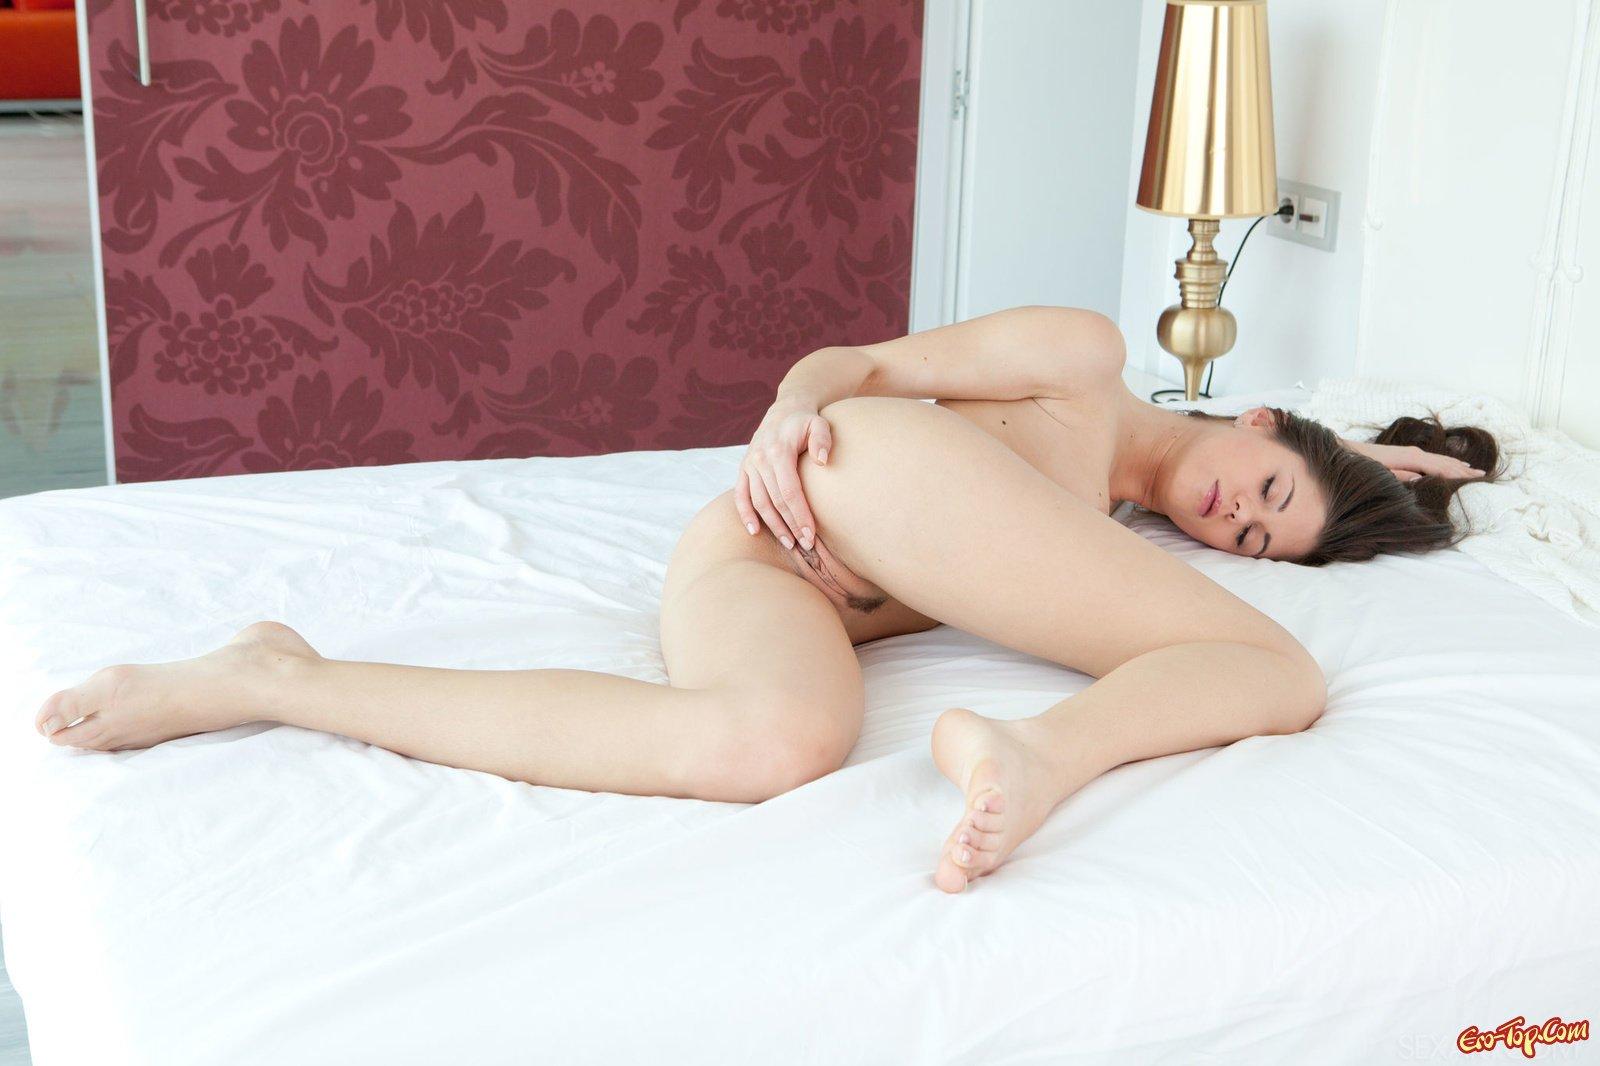 Сучка дрочит на кровати